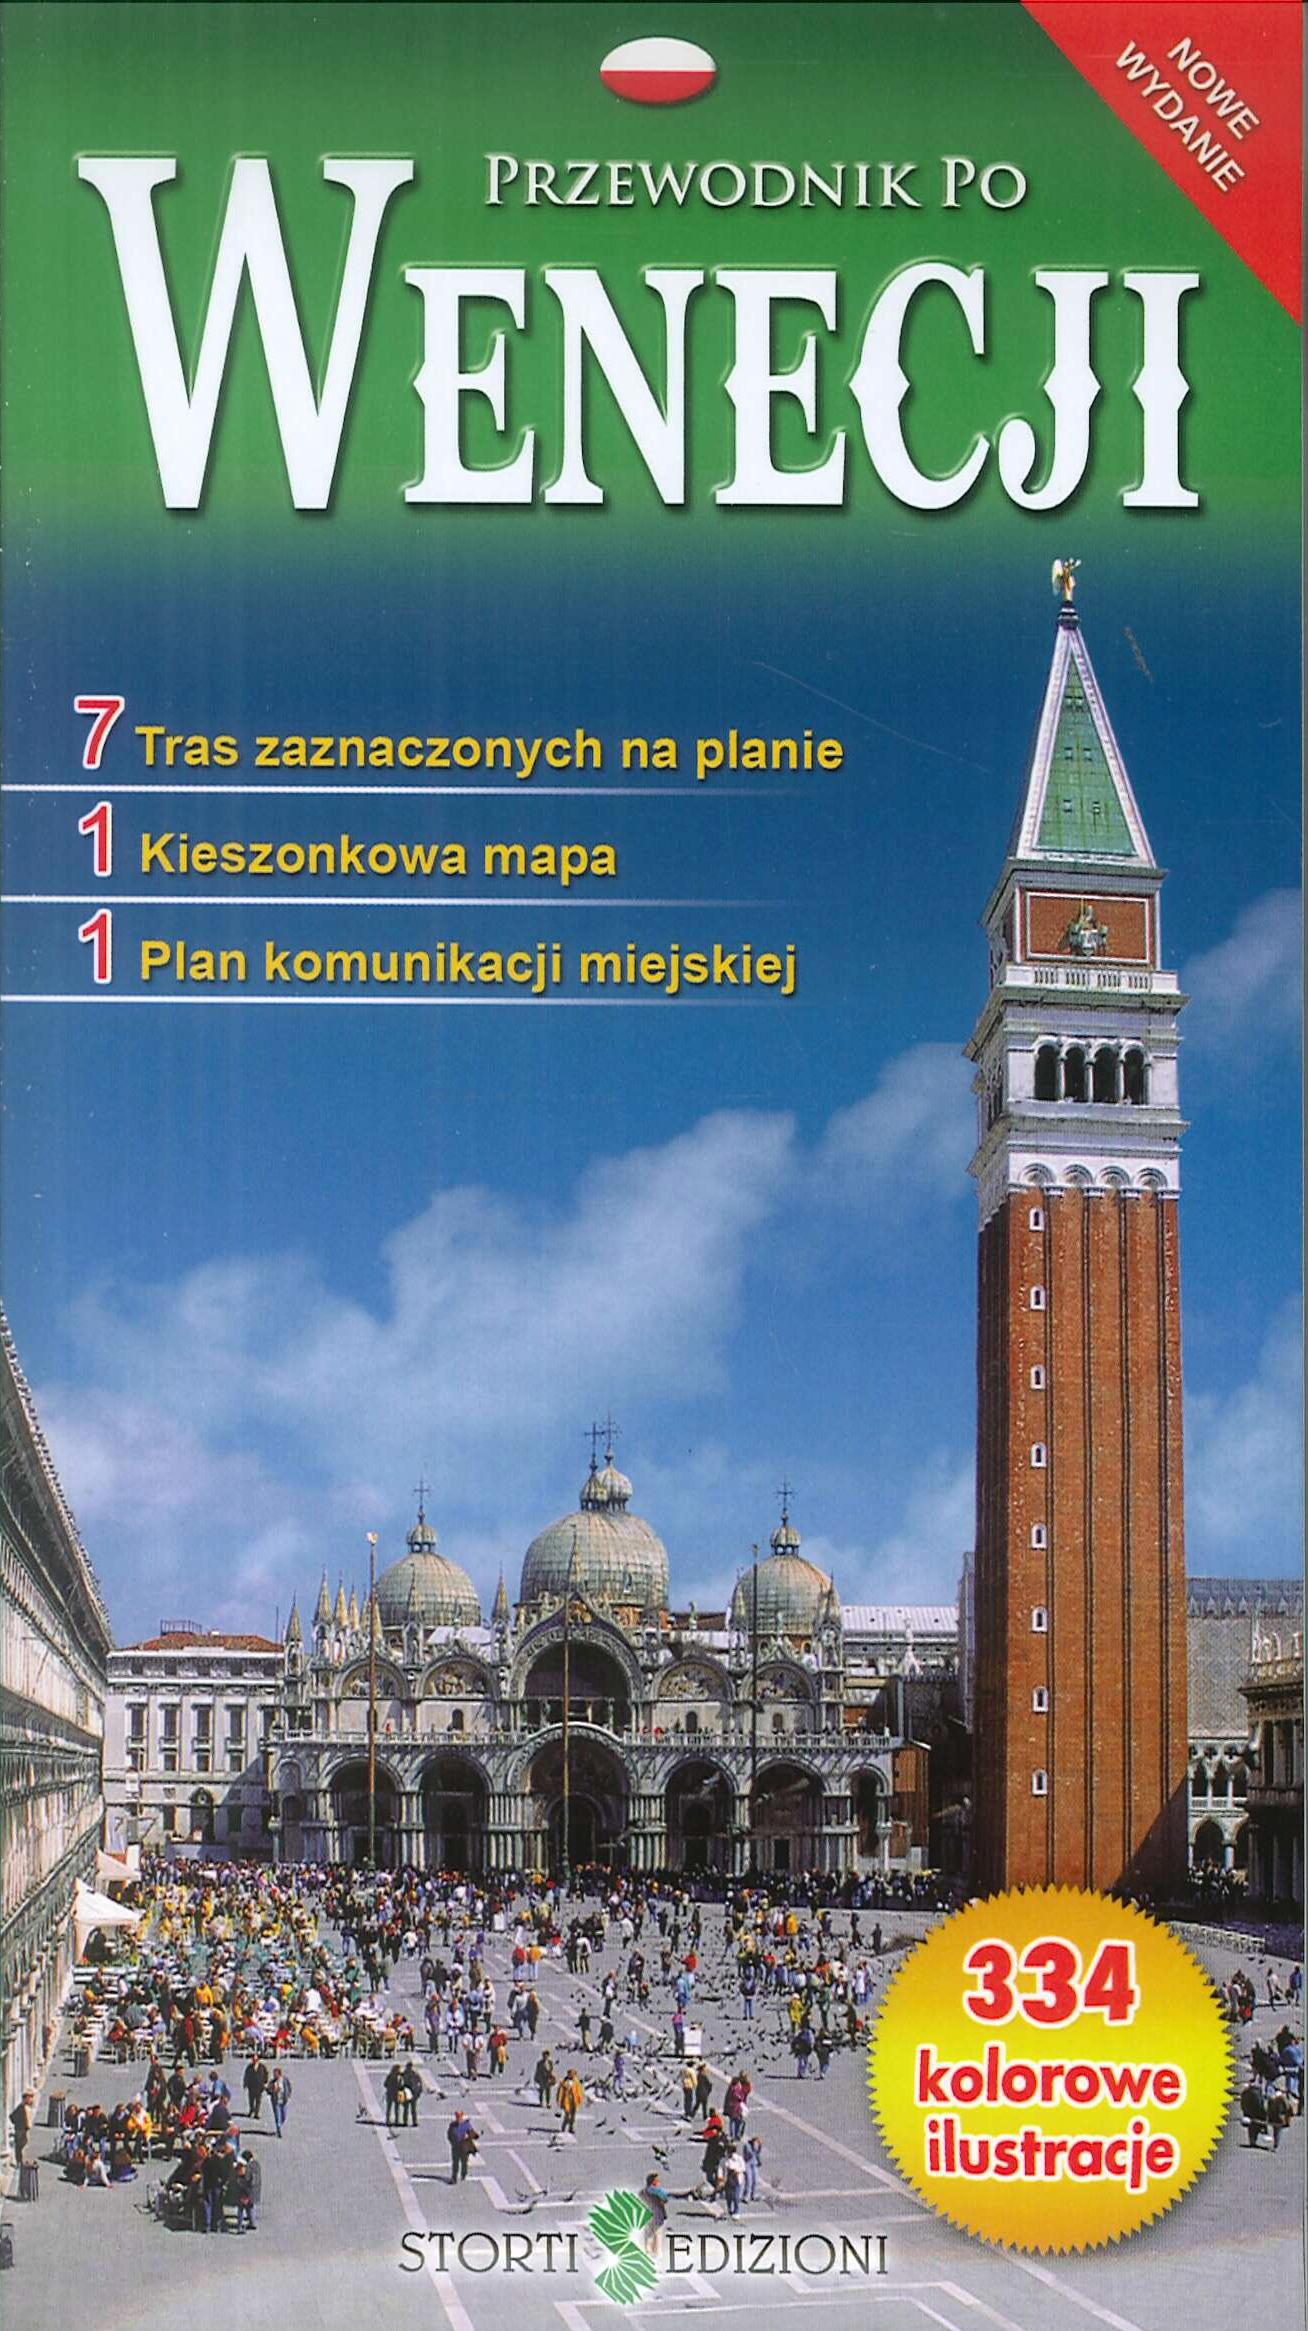 Przewodnik Po Wenecji. Polish Edition.